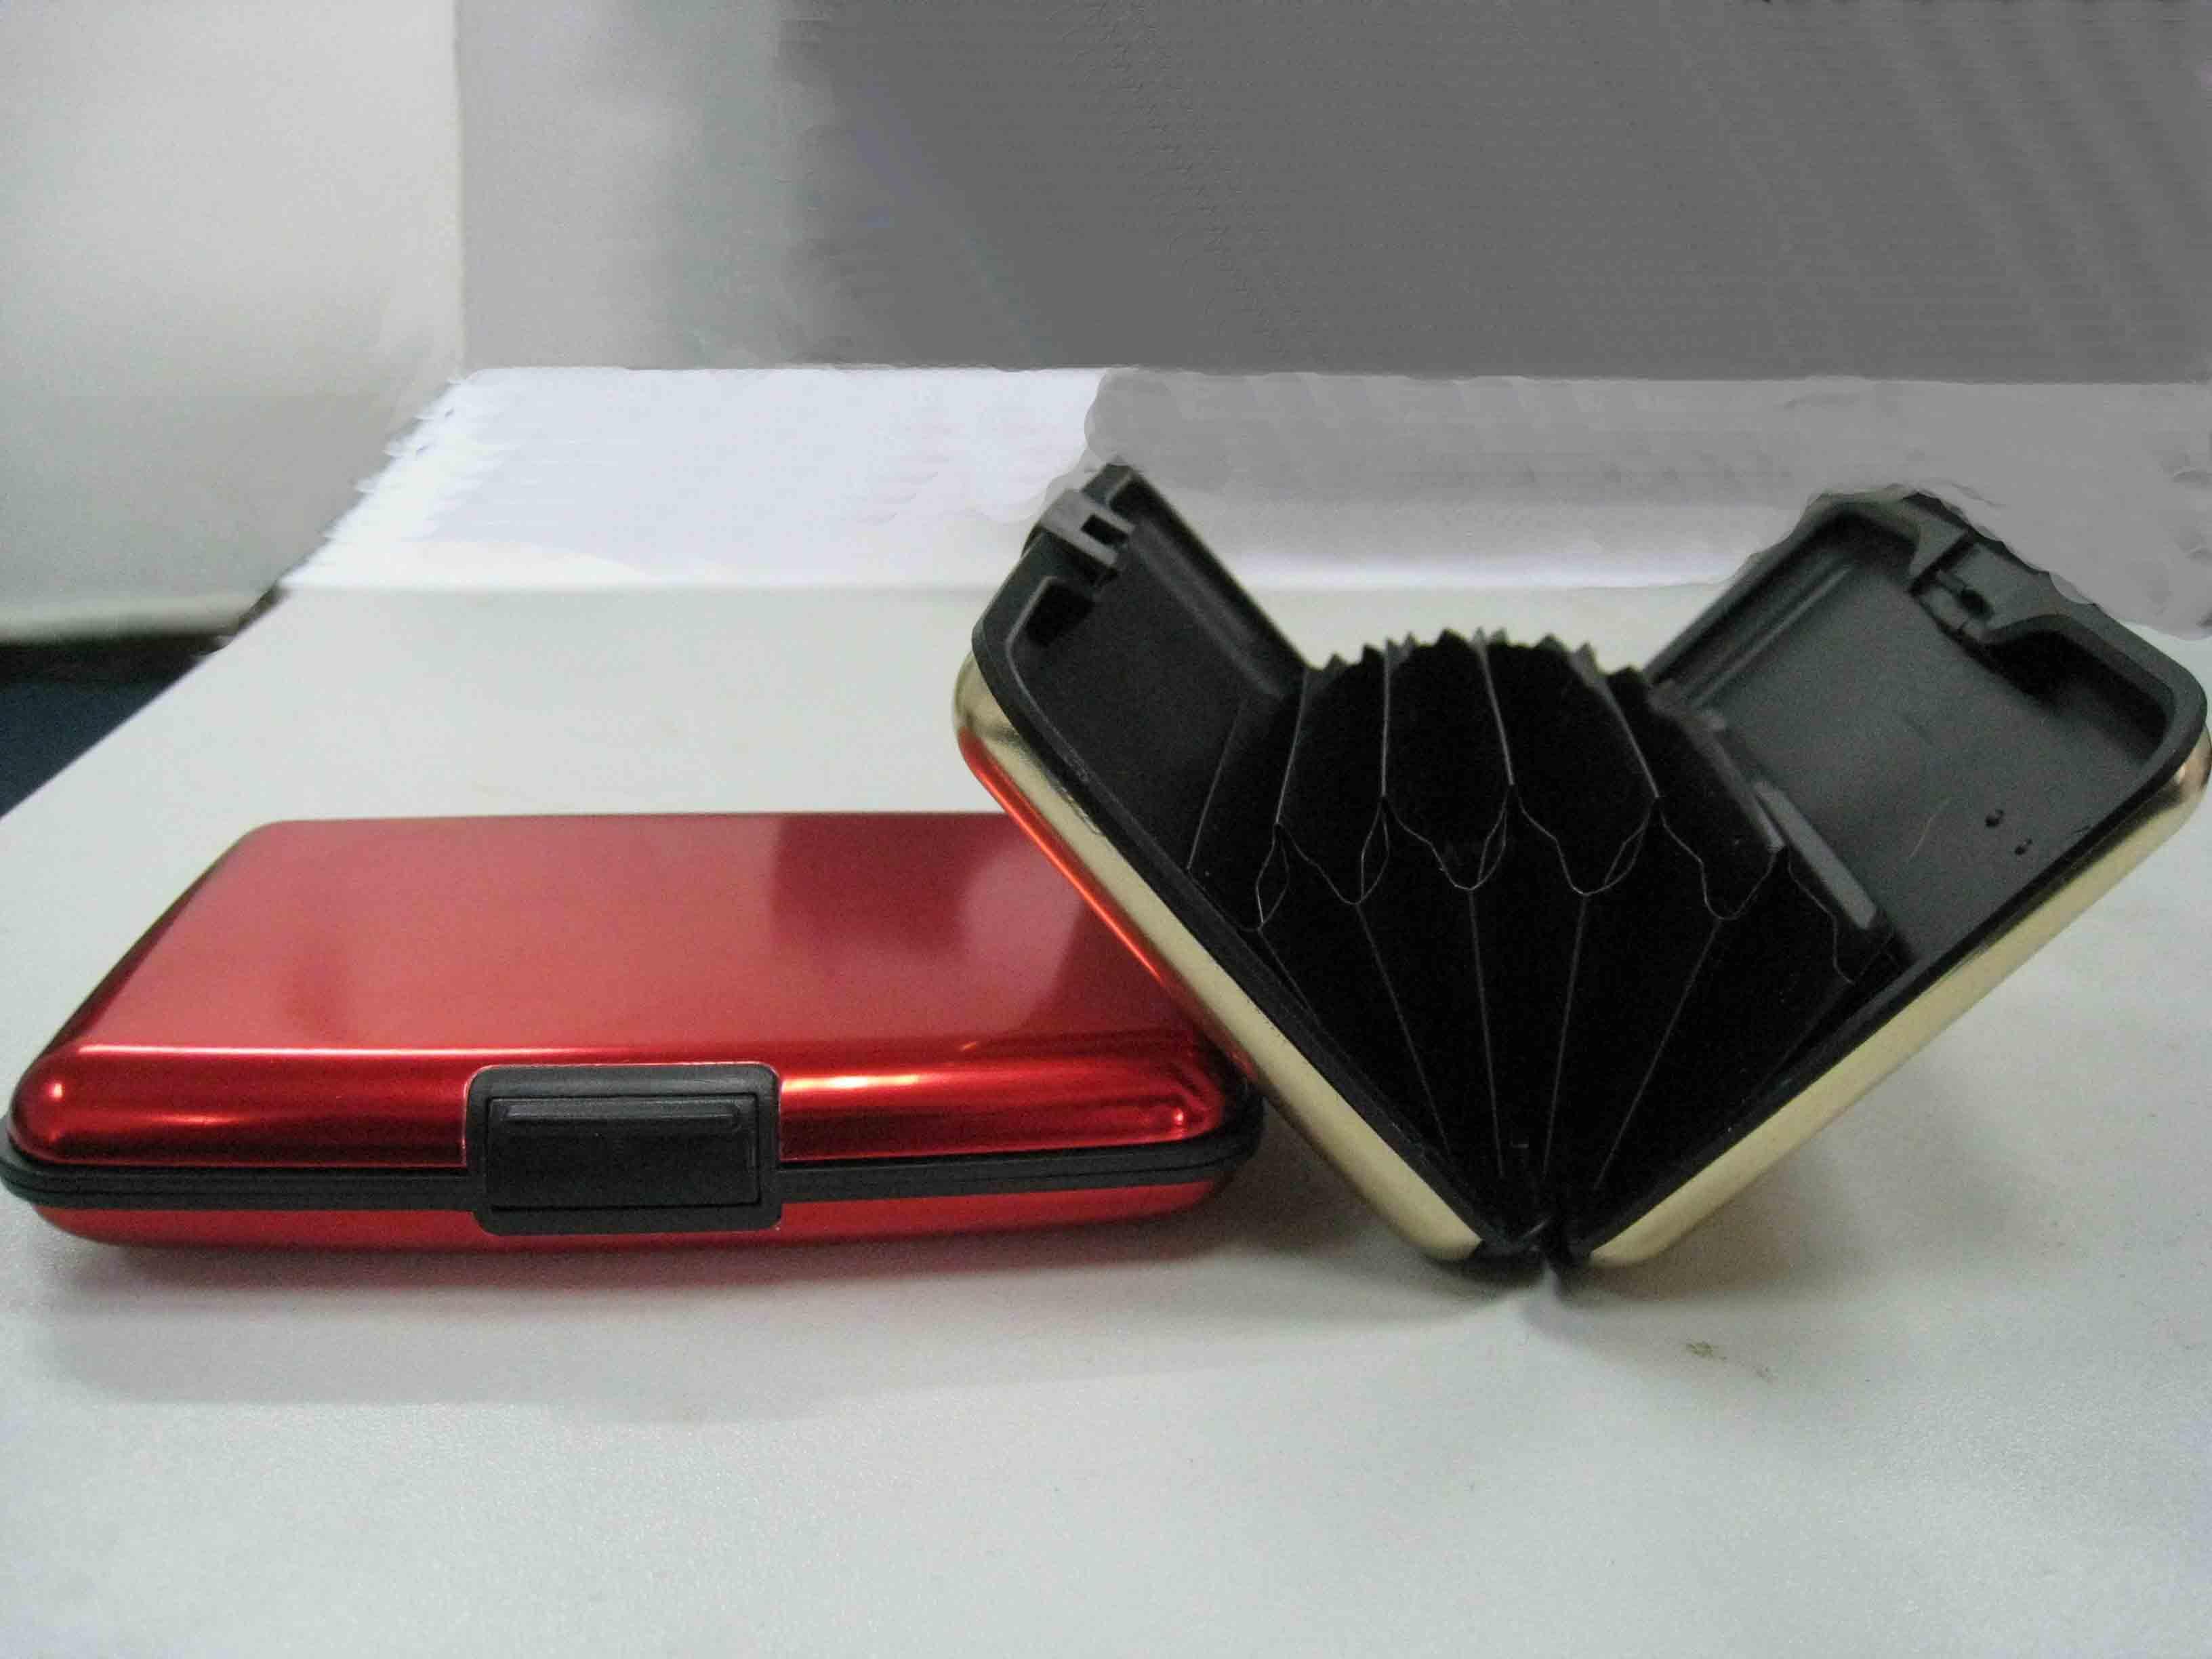 กระเป๋าสตางค์อลูมิเนียม aluma wallet